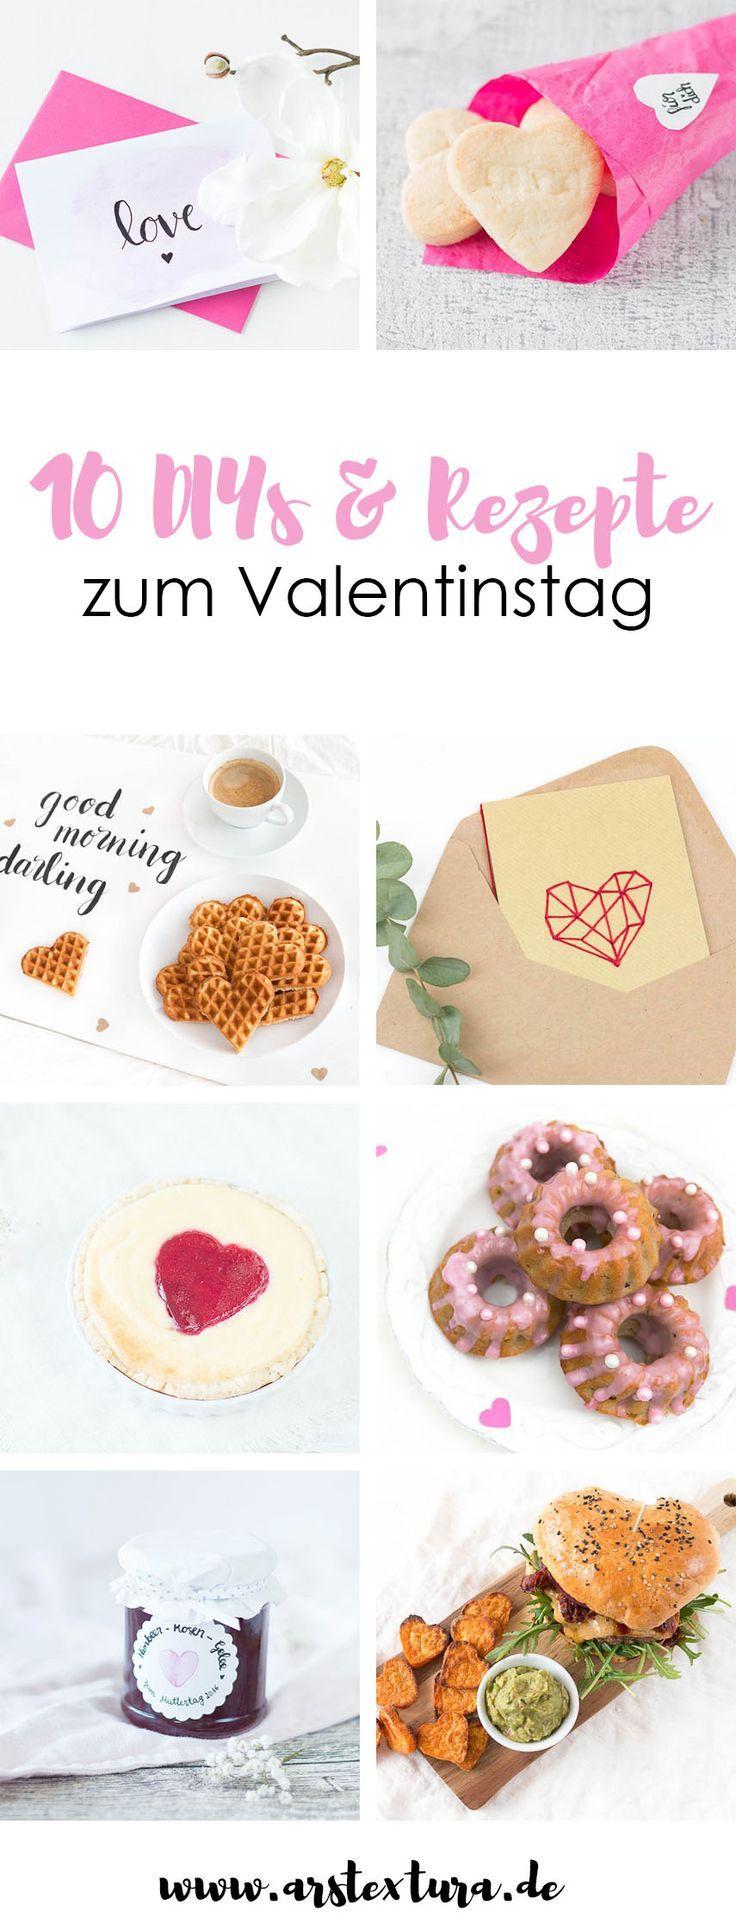 94 besten romantische geschenke bilder auf pinterest for Romantische geschenke